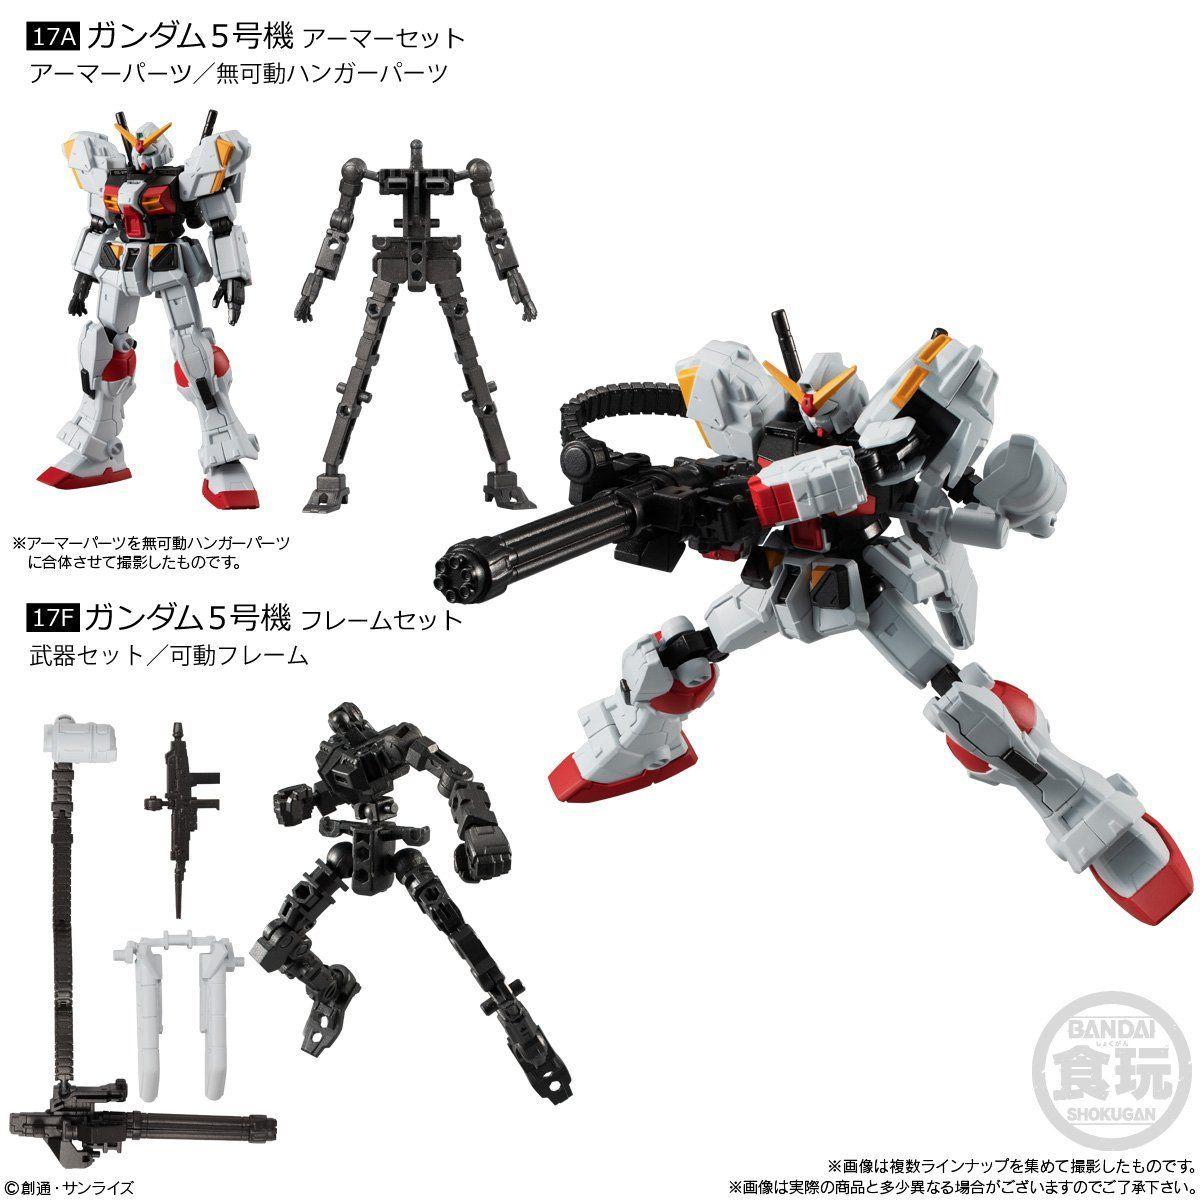 【食玩】機動戦士ガンダム『Gフレーム06』可動フィギュア 10個入りBOX-003